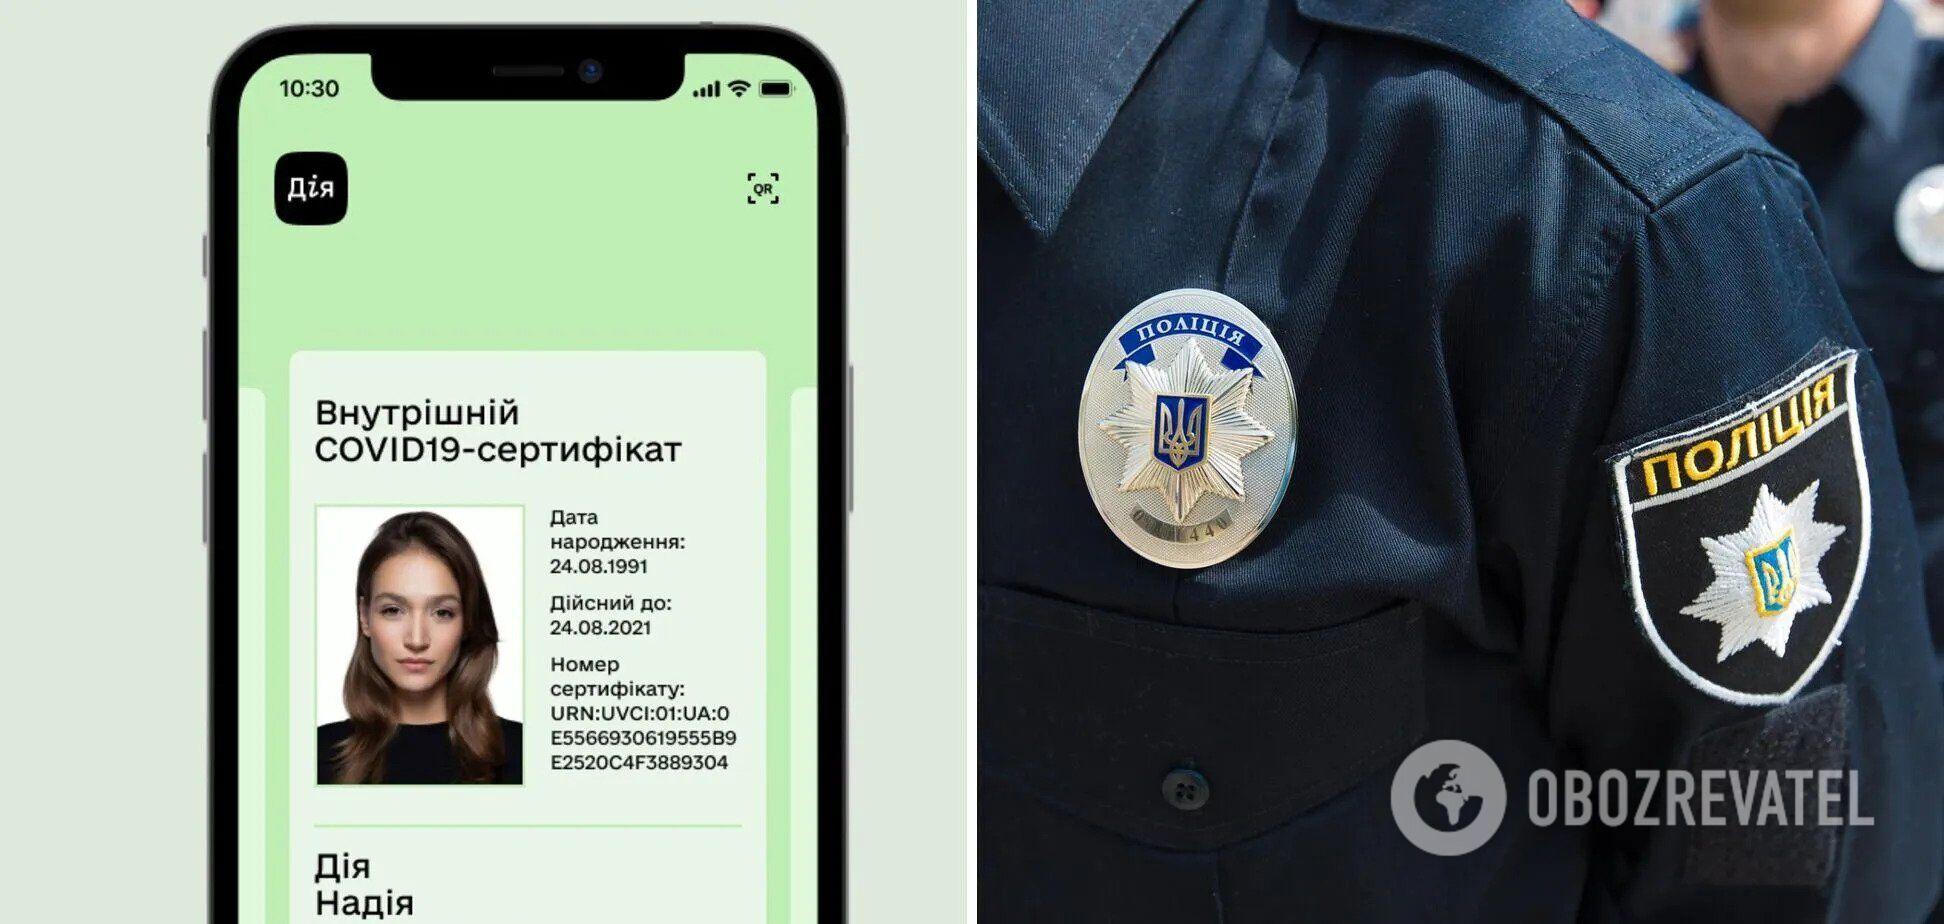 Подделка COVID-сертификатов в Украине